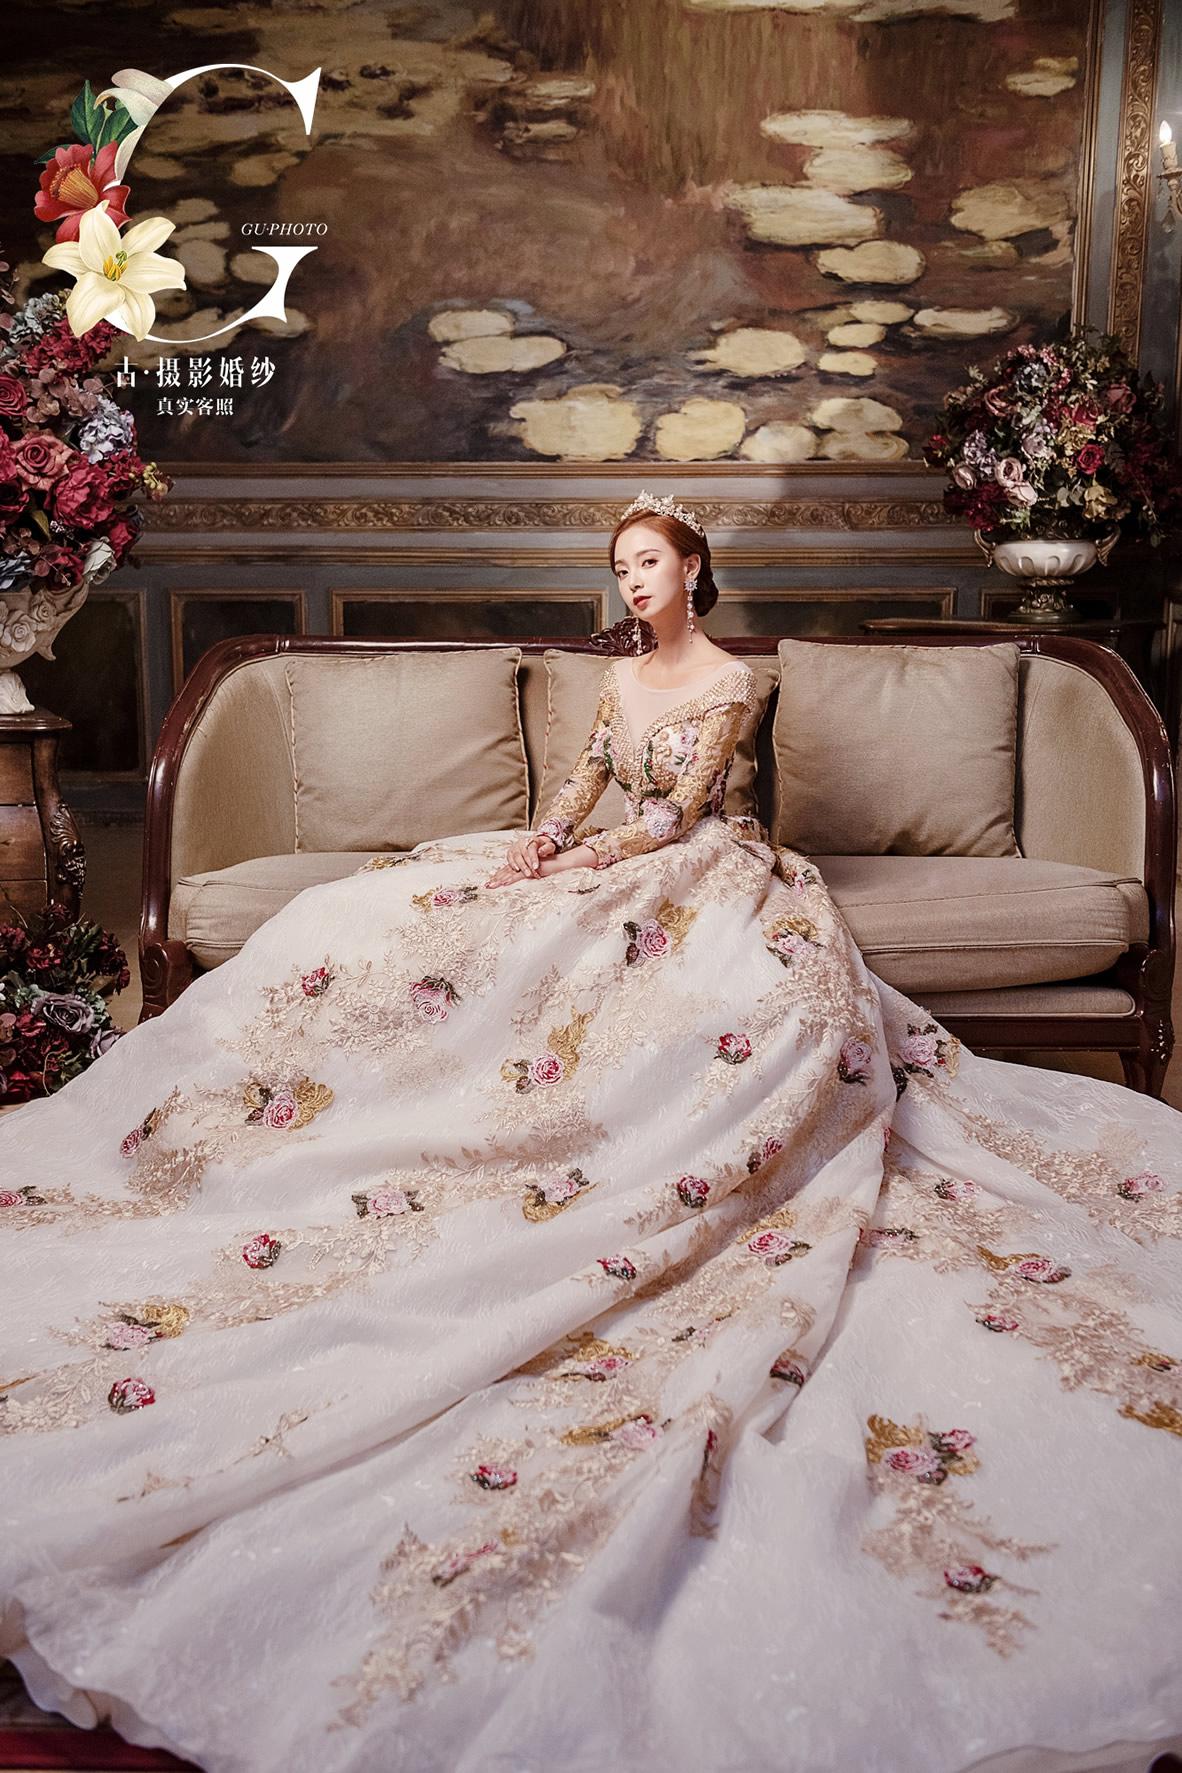 吴先生 段小姐 - 每日客照 - 古摄影婚纱艺术-古摄影成都婚纱摄影艺术摄影网